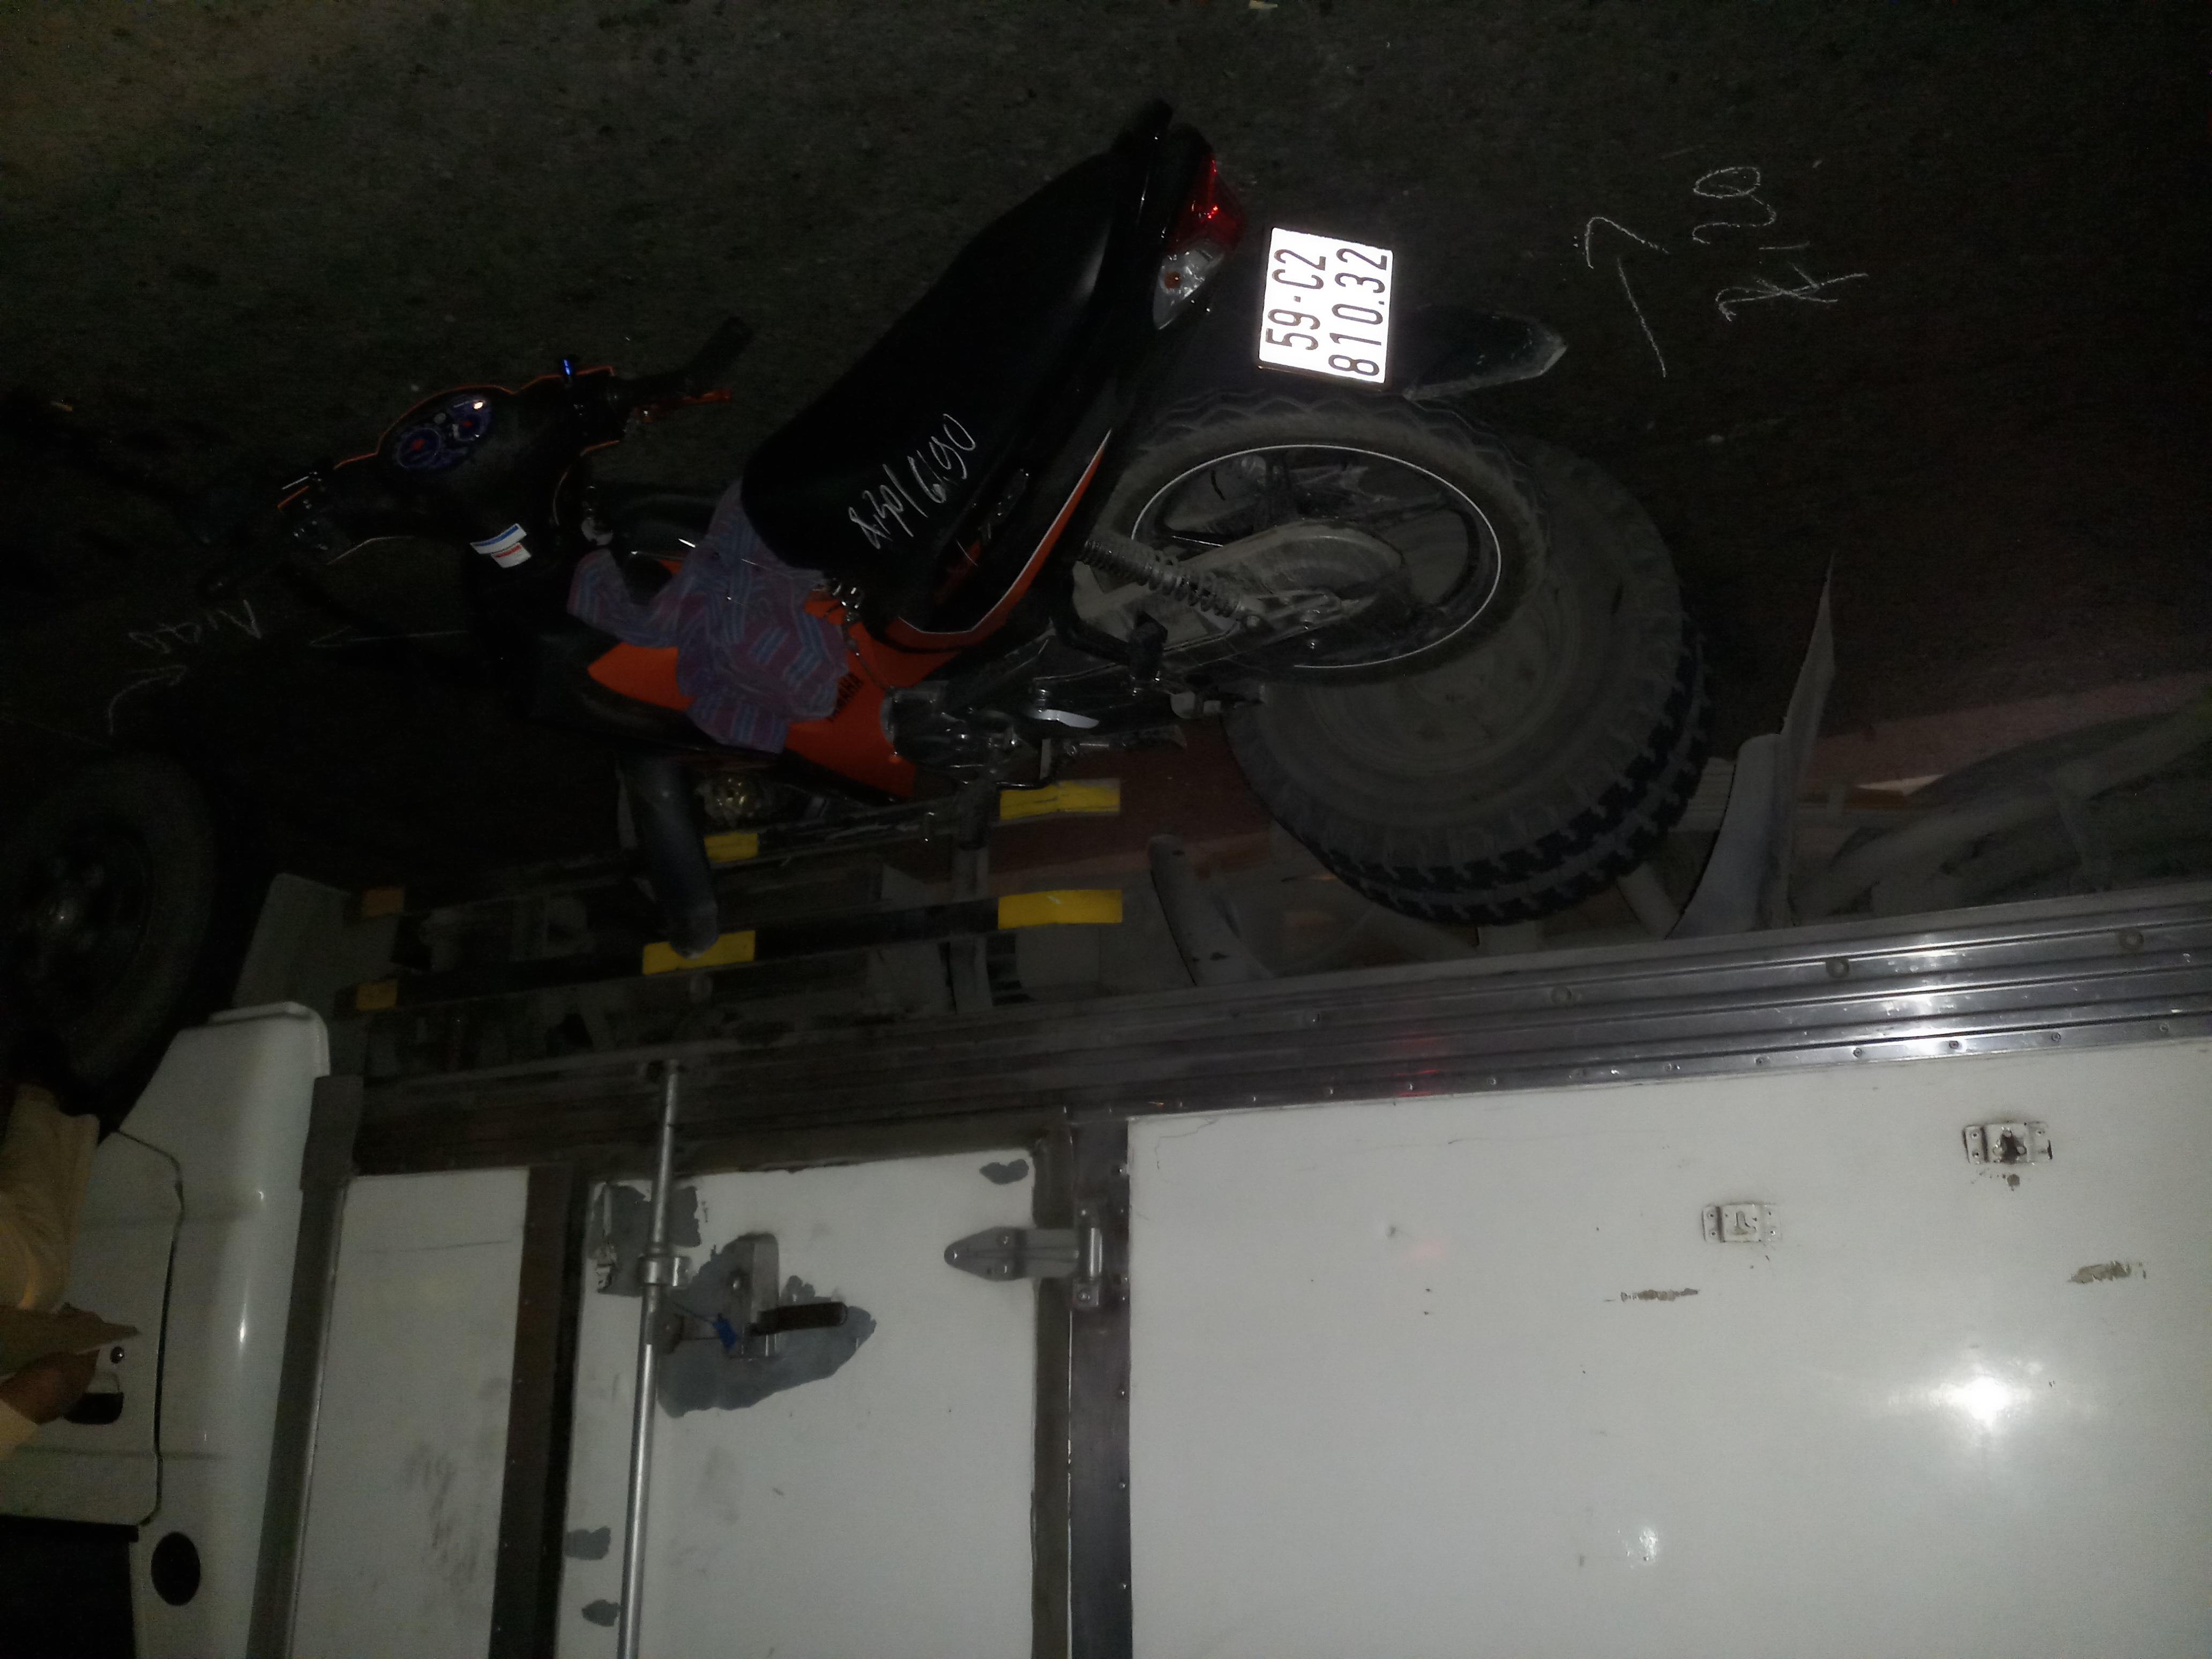 Xe máy lấn làn đâm xe tải, một người gục tại chỗ - Ảnh 1